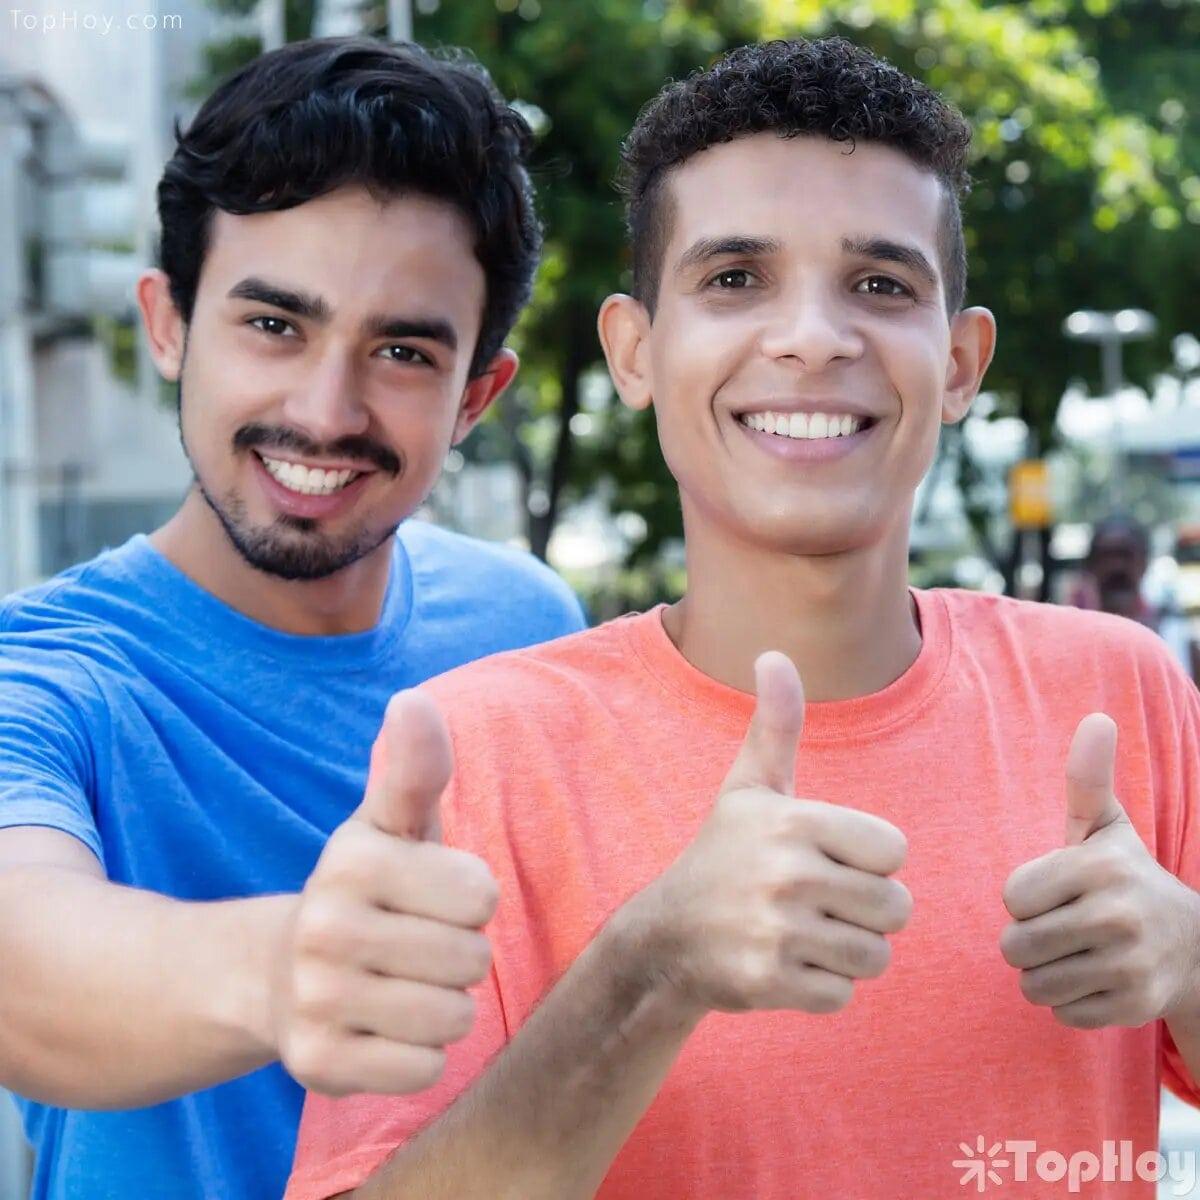 El latino tiene una impresionante facilidad de hacer amistades cuando se relaciona con otros. Por su parte, el anglosajón es más lento y cuidadoso al momento de establecer una conexión amistosa con alguien que recién conozca.